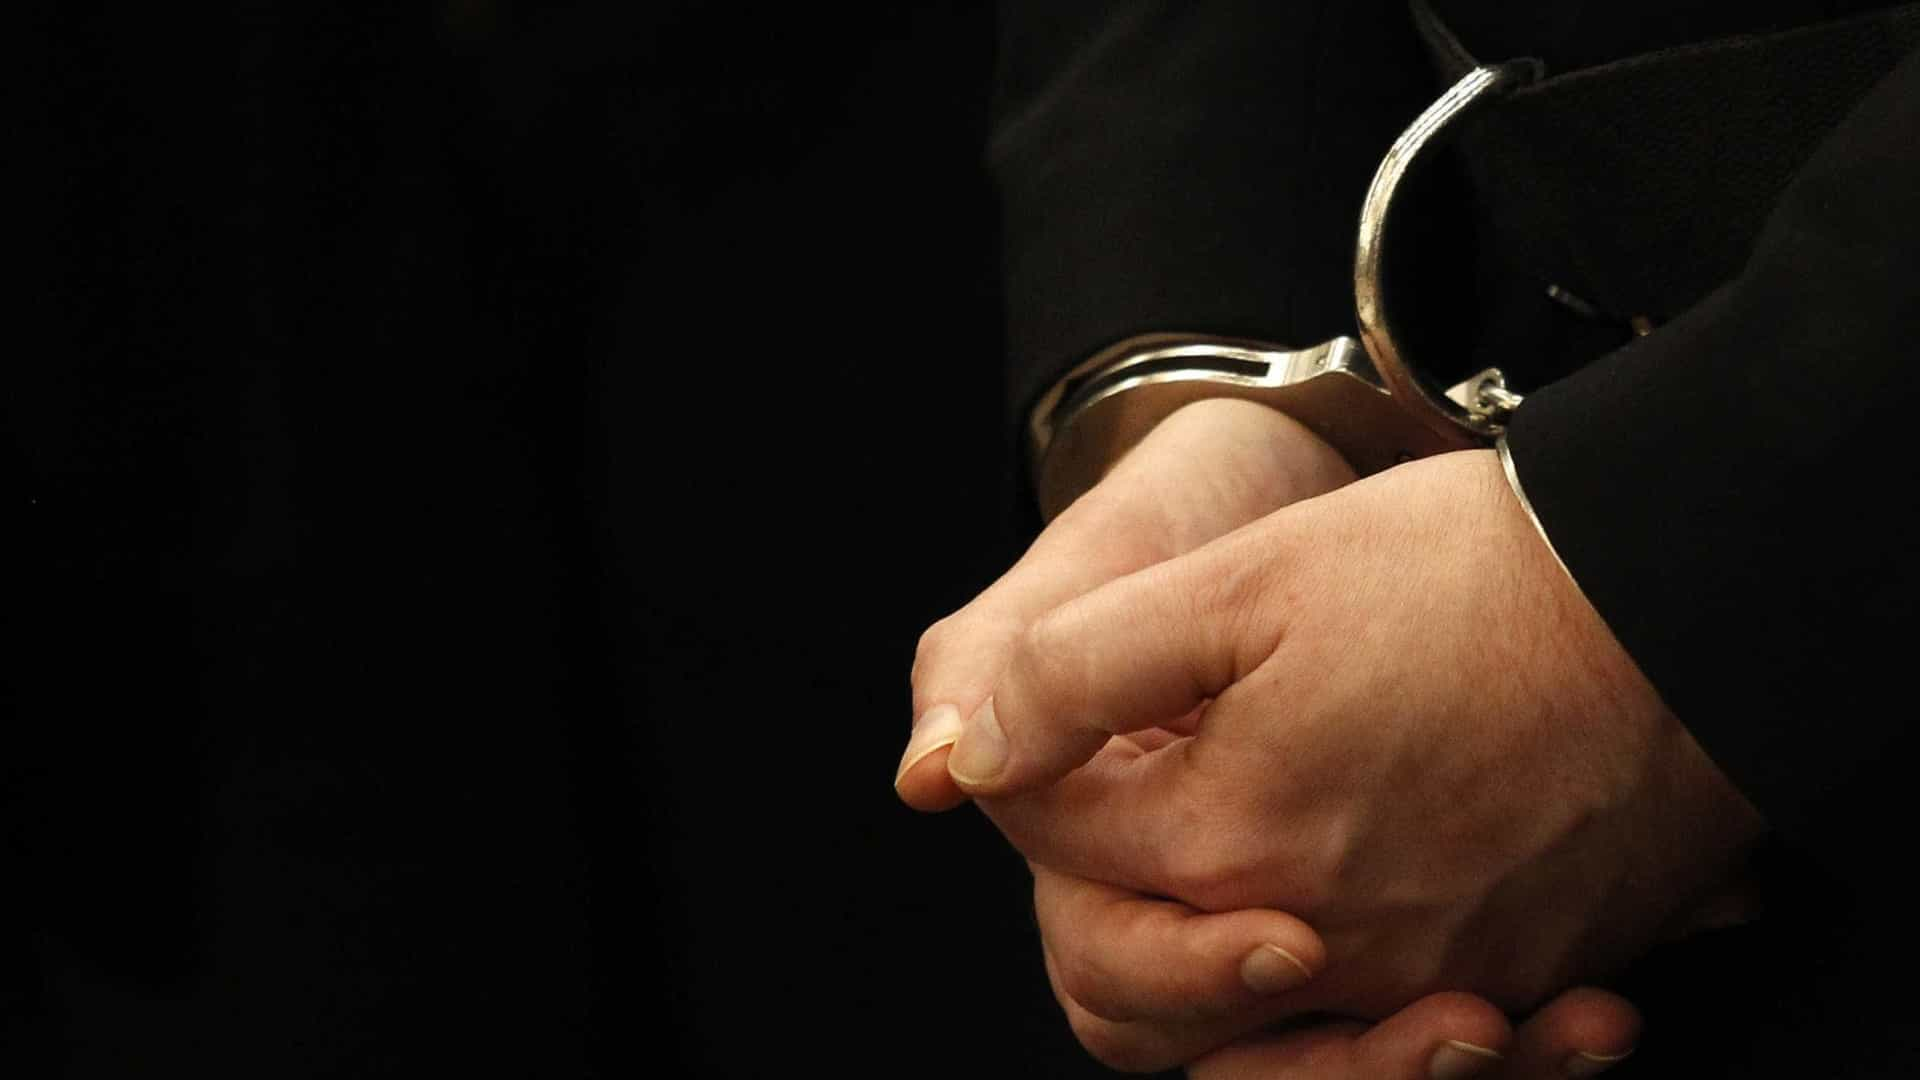 Pena suspensa para homem que violou menino em casa de banho em Fafe